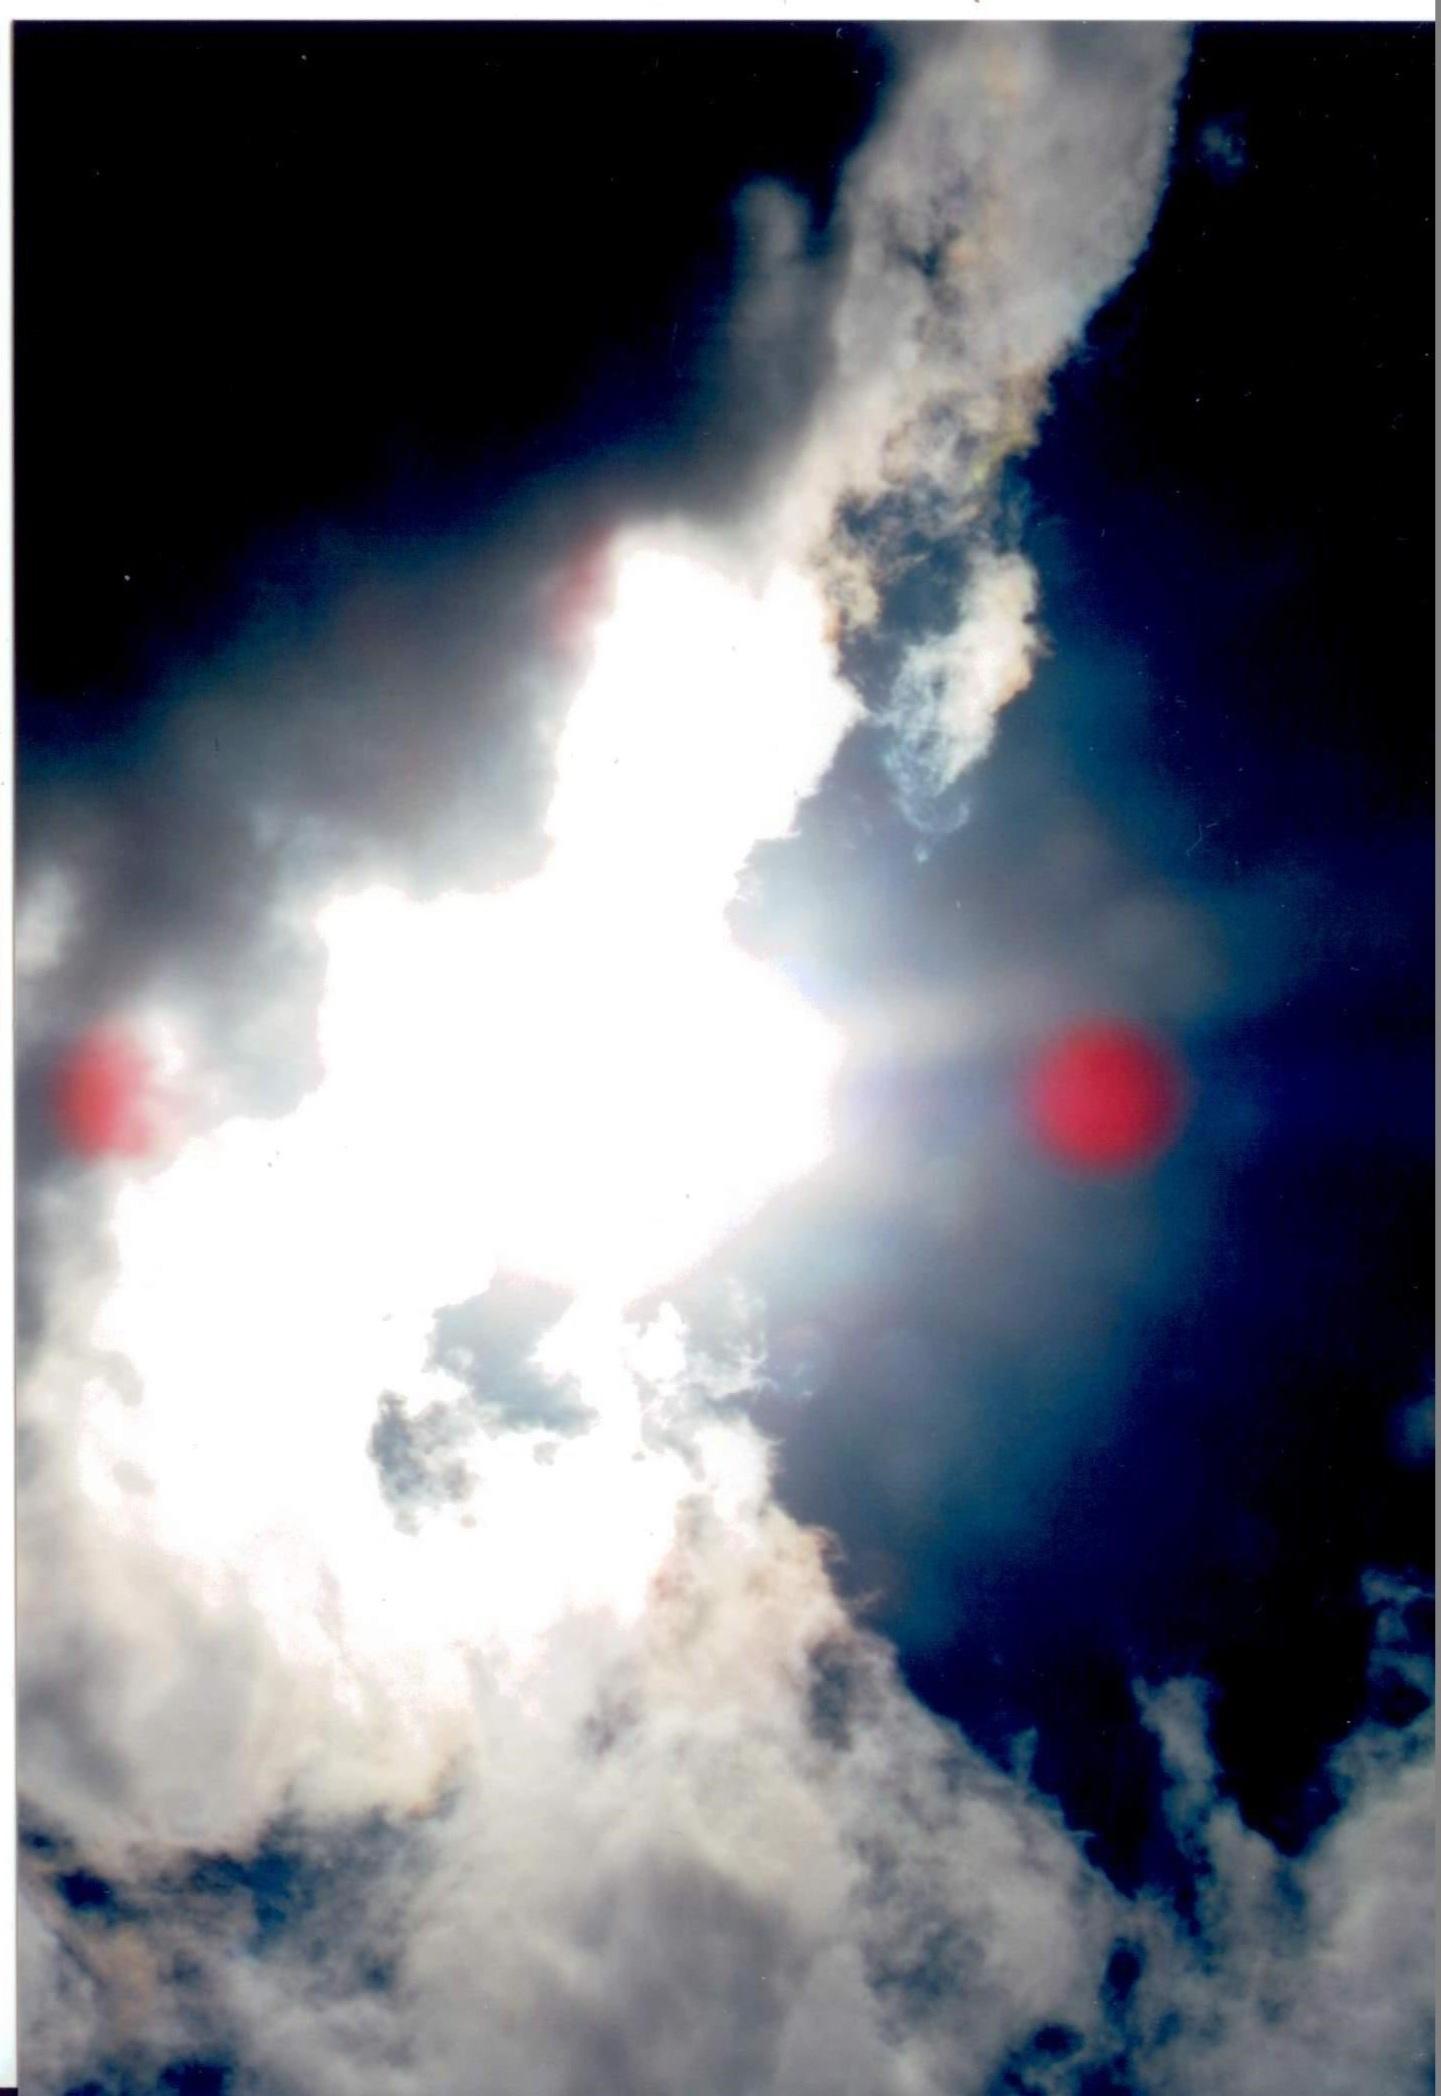 Qui in questa foto ci sono spiriti che lavorano per il demonio bloccano aereo o il pilota per fare precipitare e possedersi le anime. DIO UNIVERSALE e venuto sulla terra per salvare il suo popolo ma senza delle preghiere non si può andare avanti. La guerra spirituale continua fino che si ferma il demonio Castiglio.